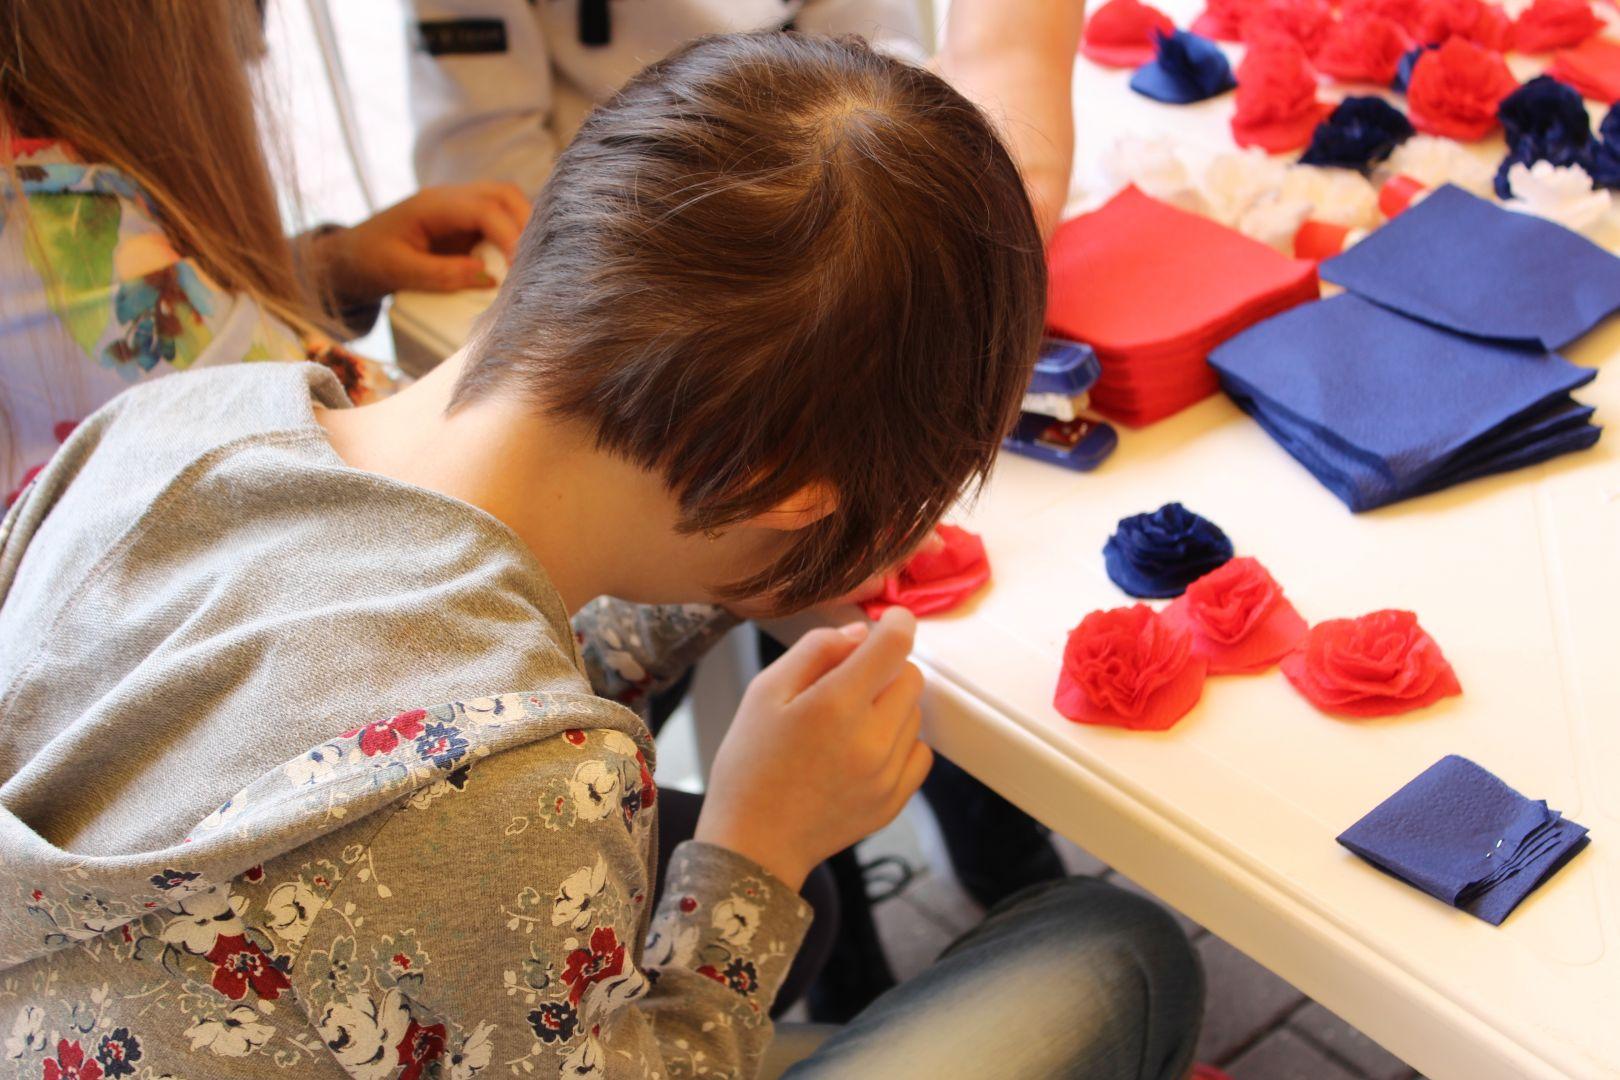 На Ставрополье дети с ограниченными возможностями здоровья изготовили макет флага России